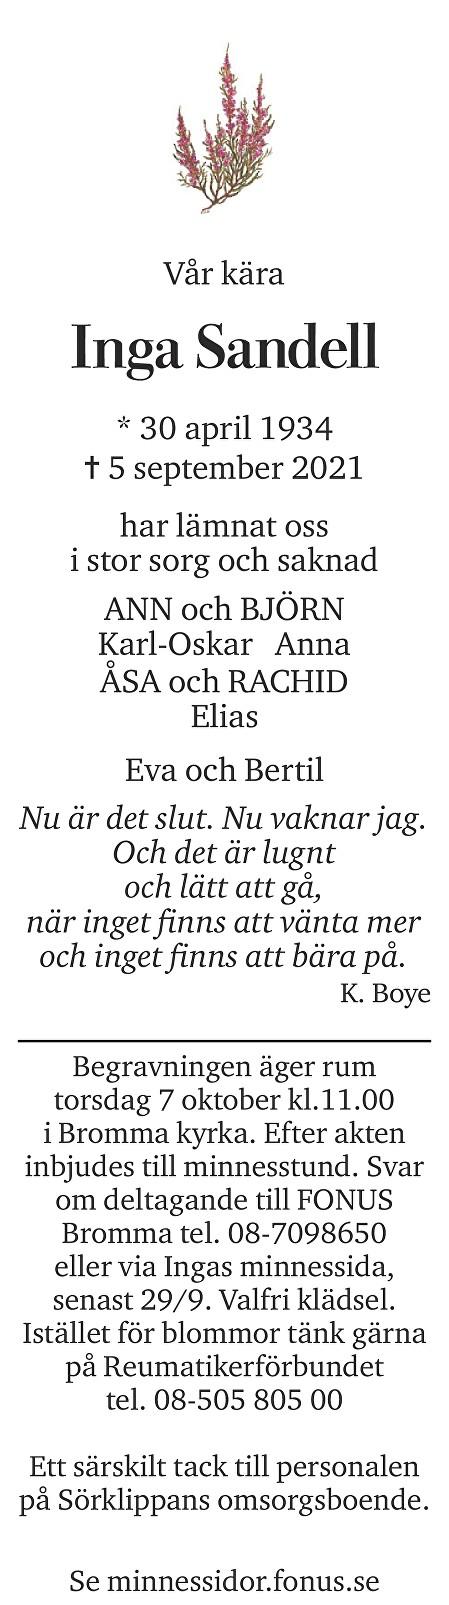 Inga Sandell Death notice